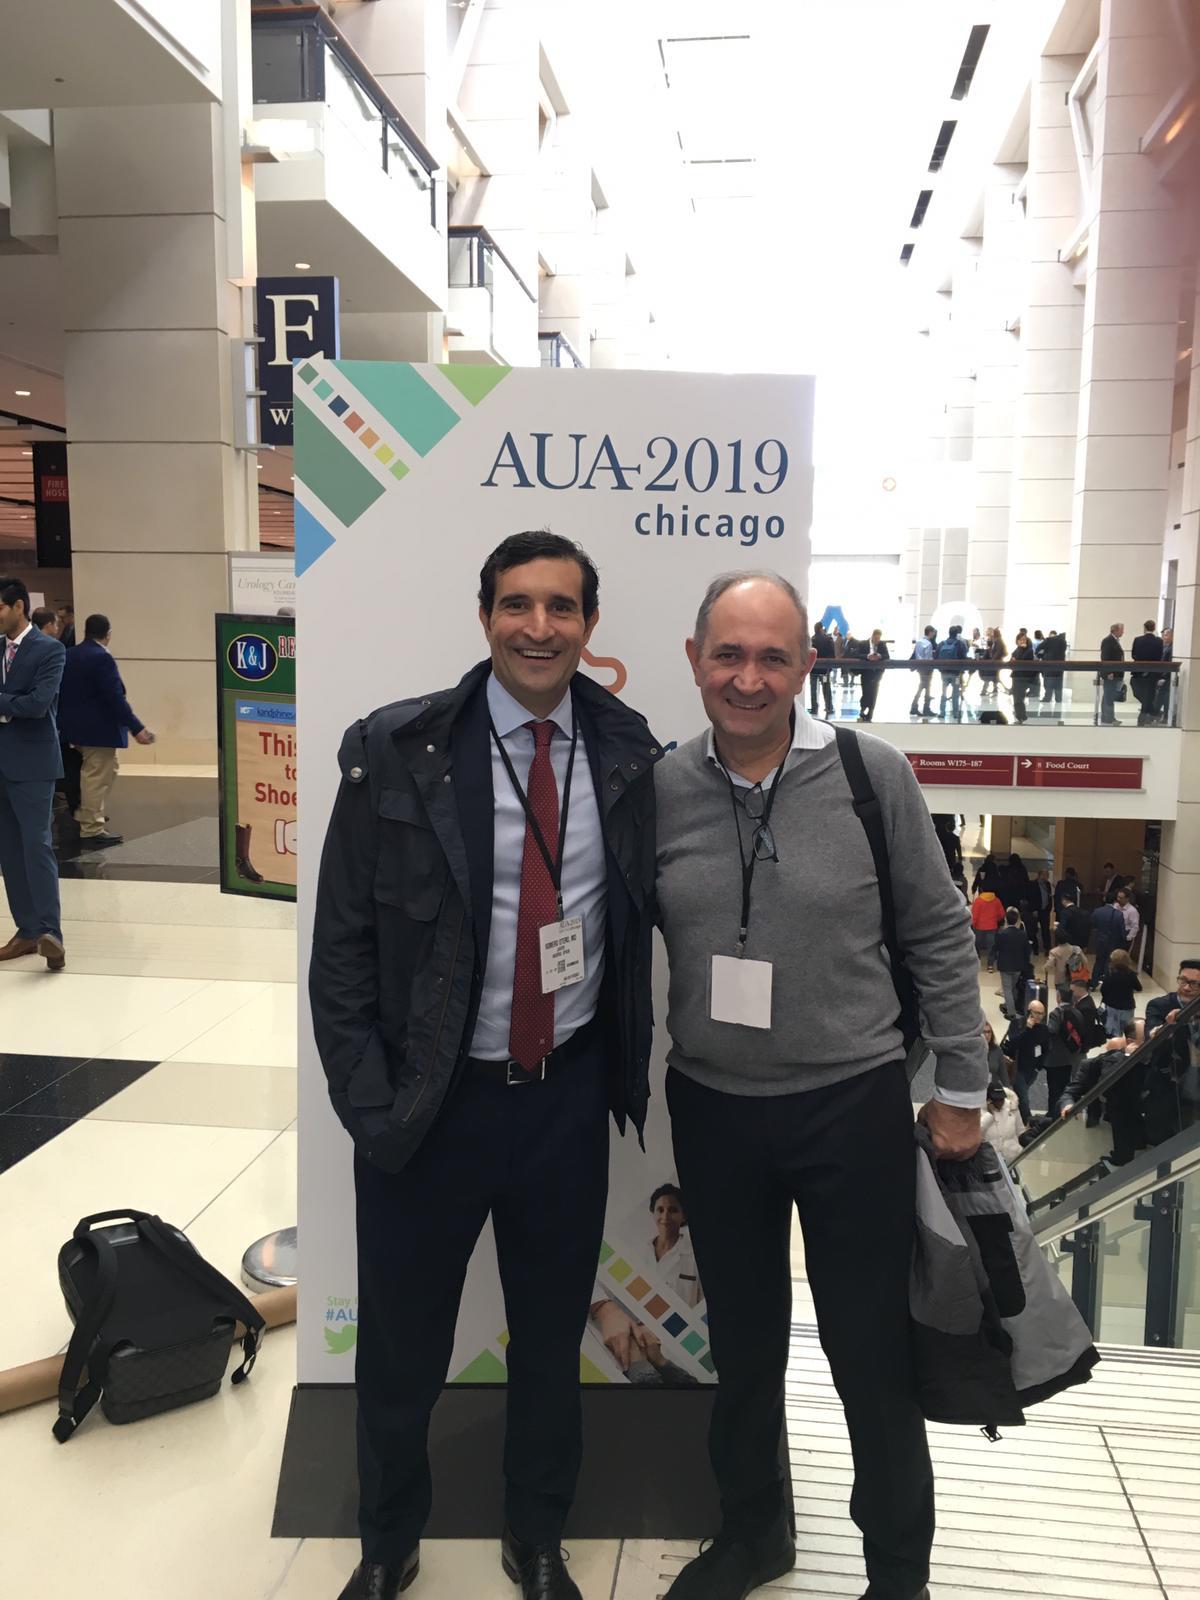 Congreso de la Asociación Americana de Urología romero